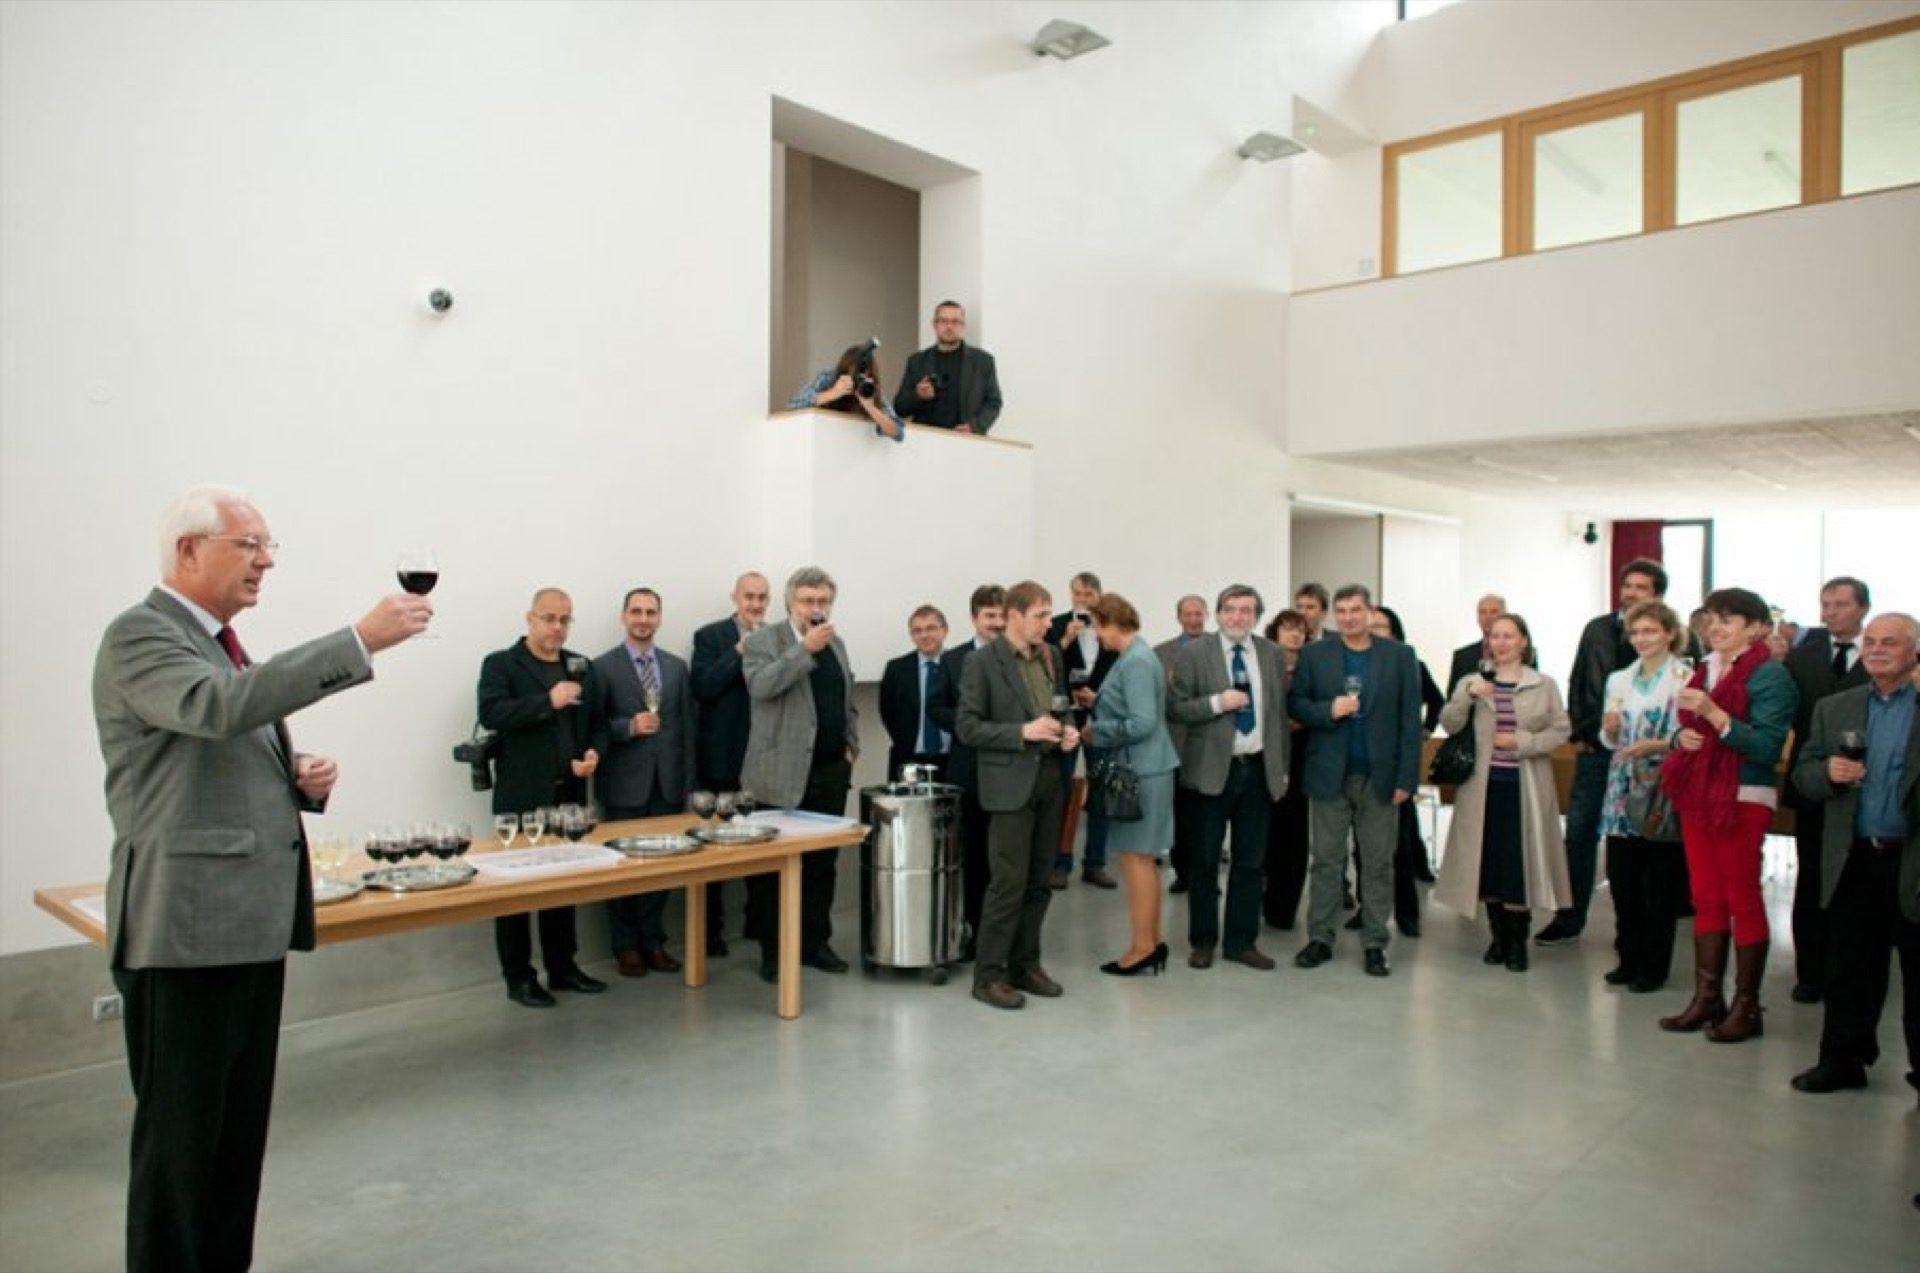 Slavnostní otevření stavby výzkumné základny Archeologického ústavu AV ČR Brno vMikulčicích